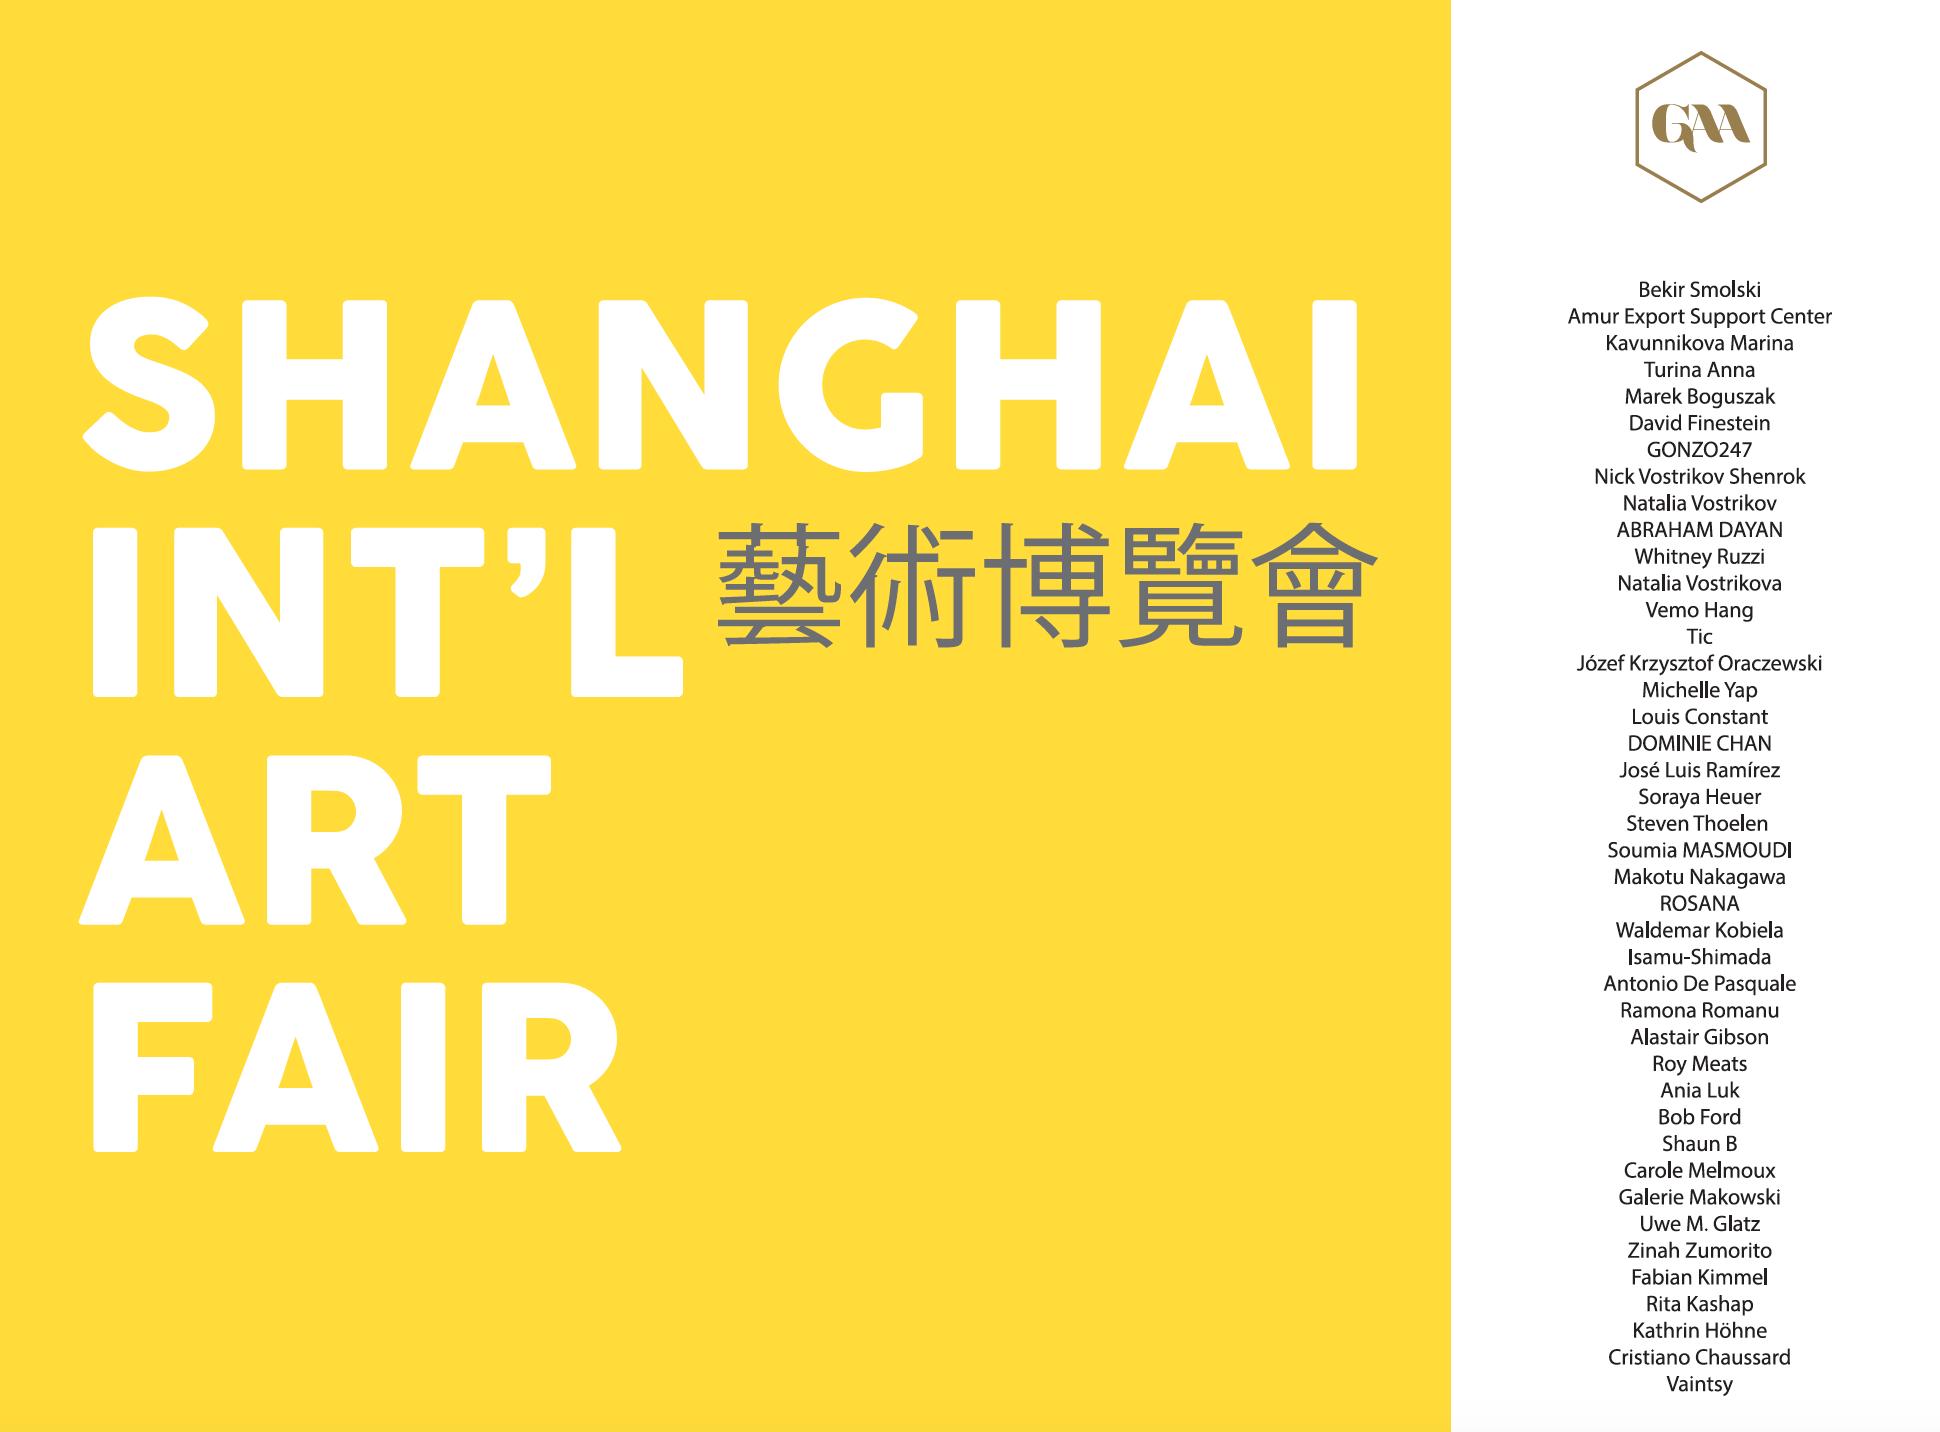 Inicia la Feria Internacional de Arte de Shanghai en su segunda edición